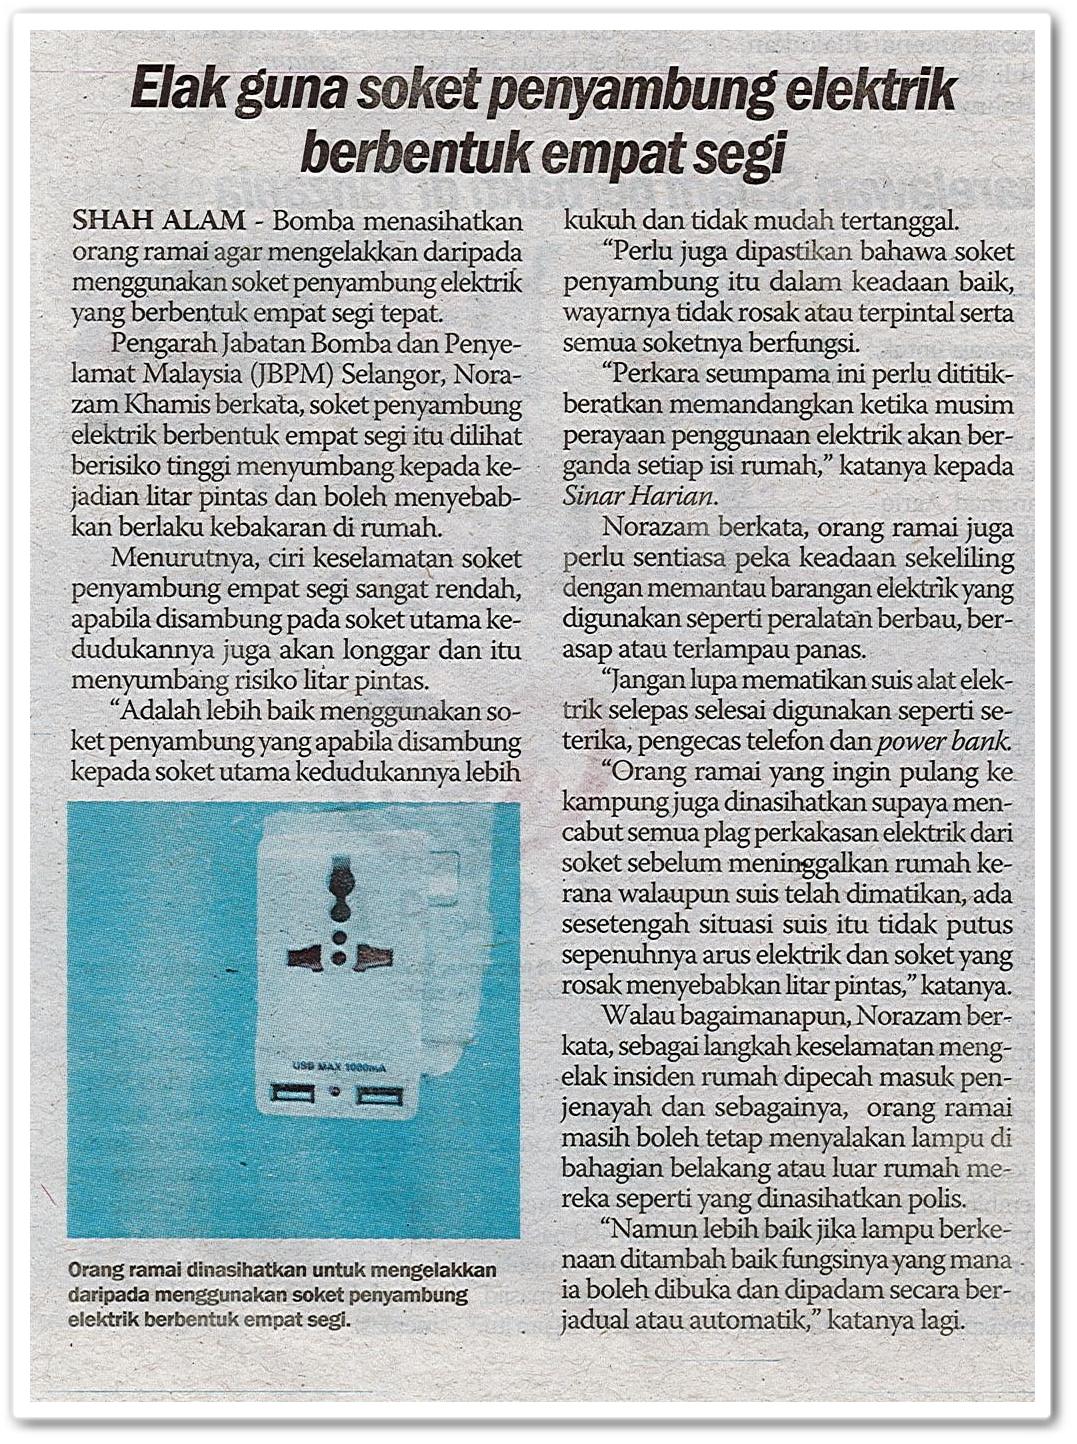 Elak guna soket penyambung elektrik berbentuk empat segi - Keratan akhbar Sinar Harian 2 Jun 2019